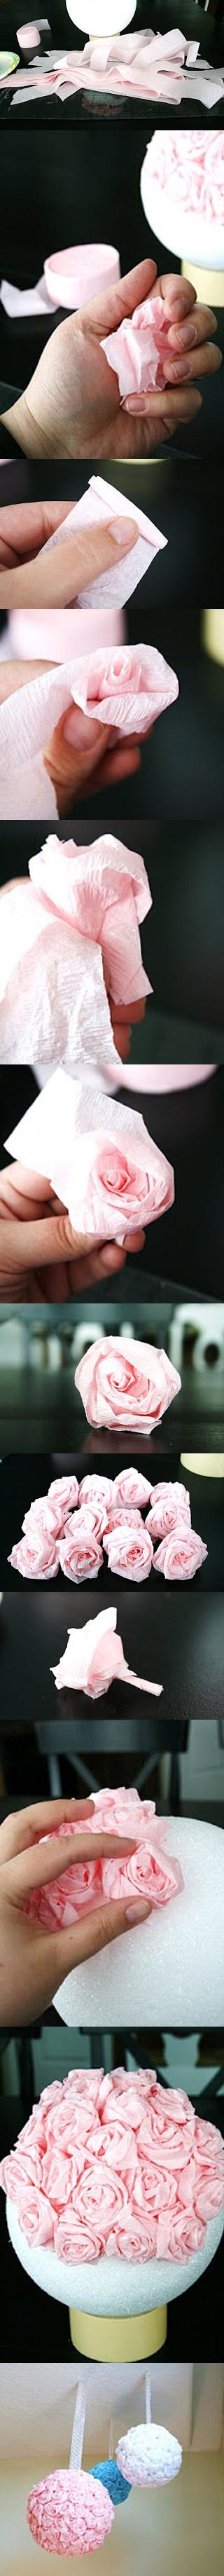 flor-papel-crepe-arreglo-fiesta